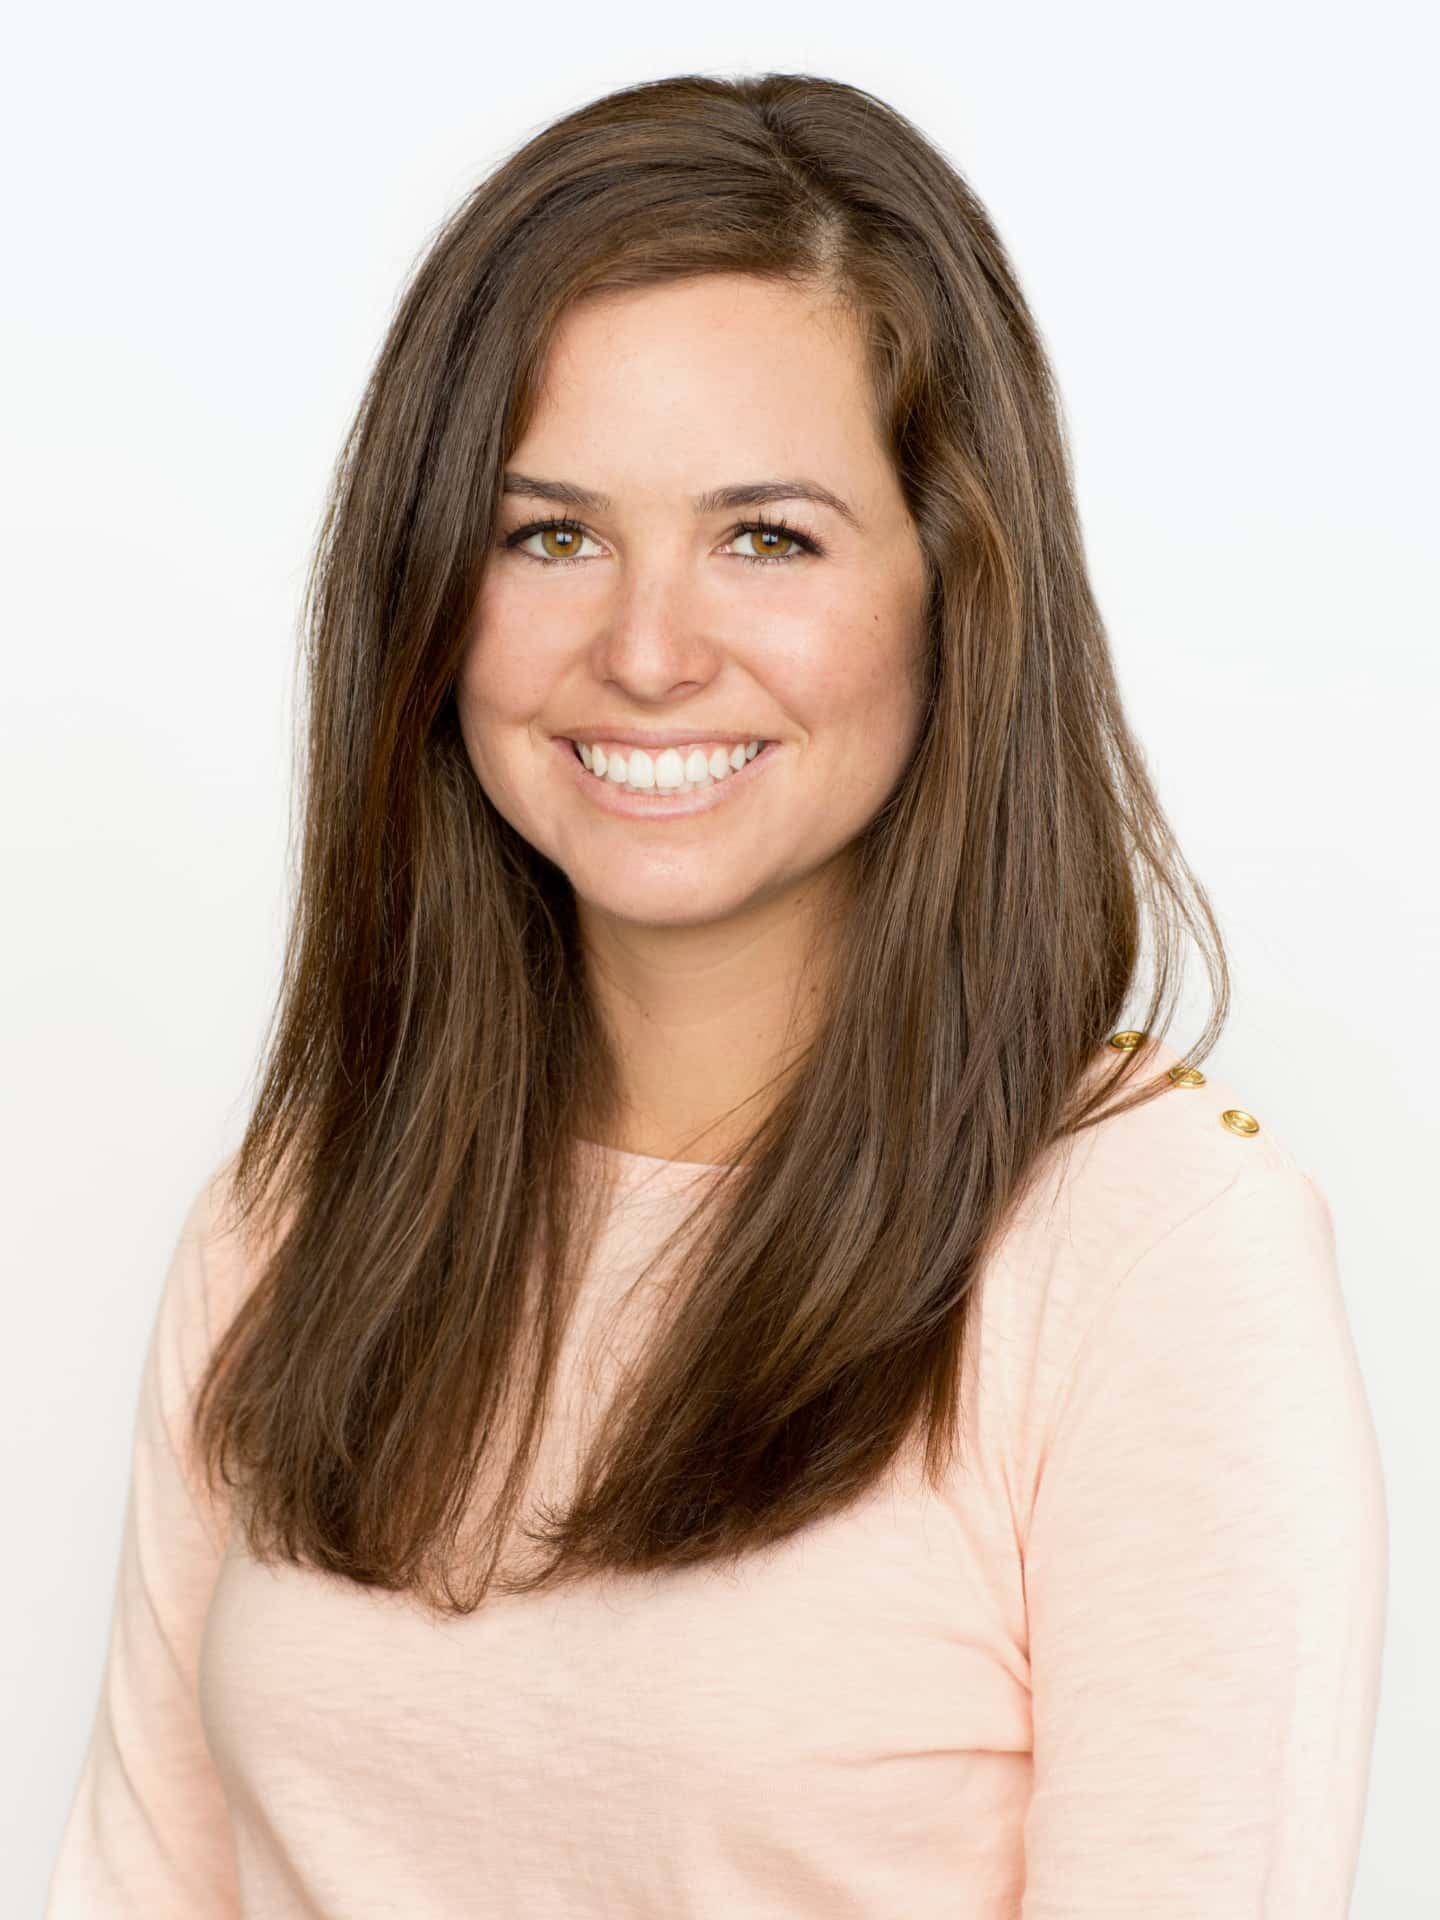 Jenna Fabino - Invoca Employee